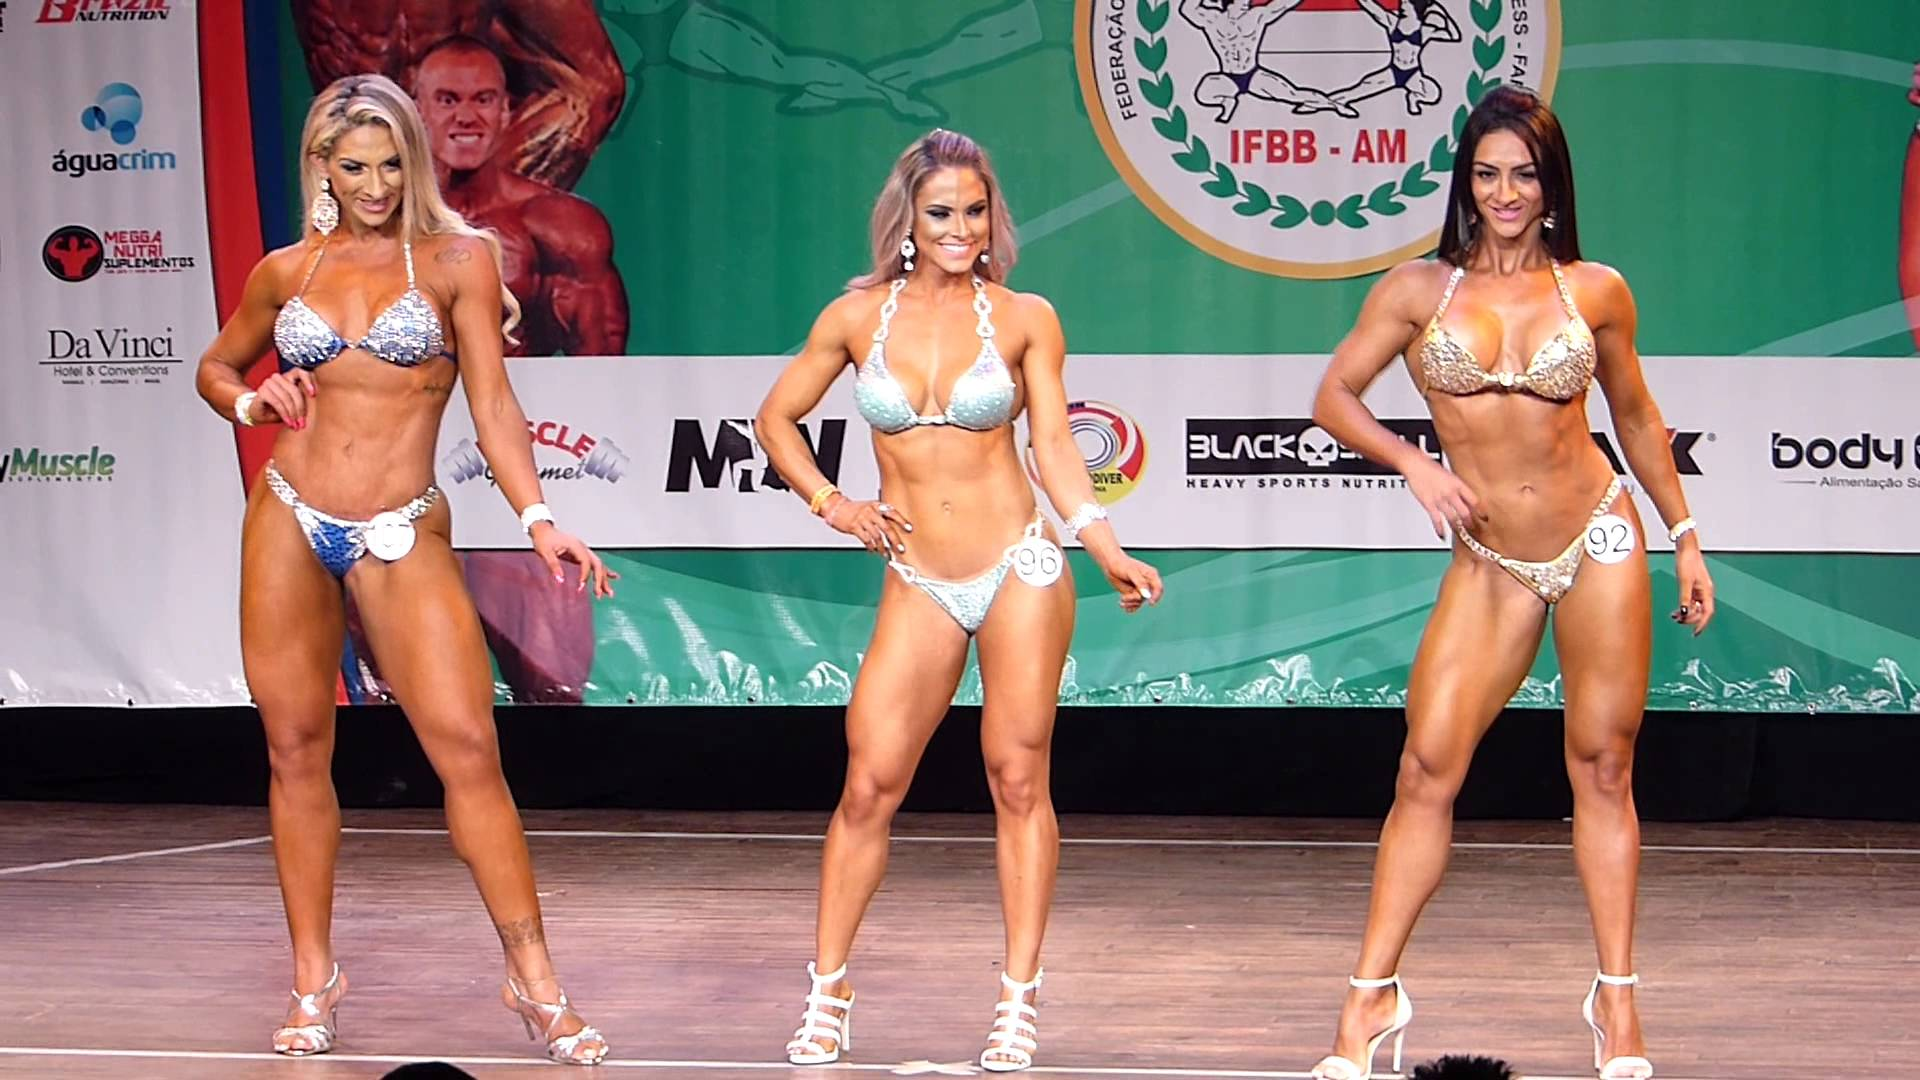 Campeonato de Fisiculturismo e Fitness acontece neste fim de semana em Manaus